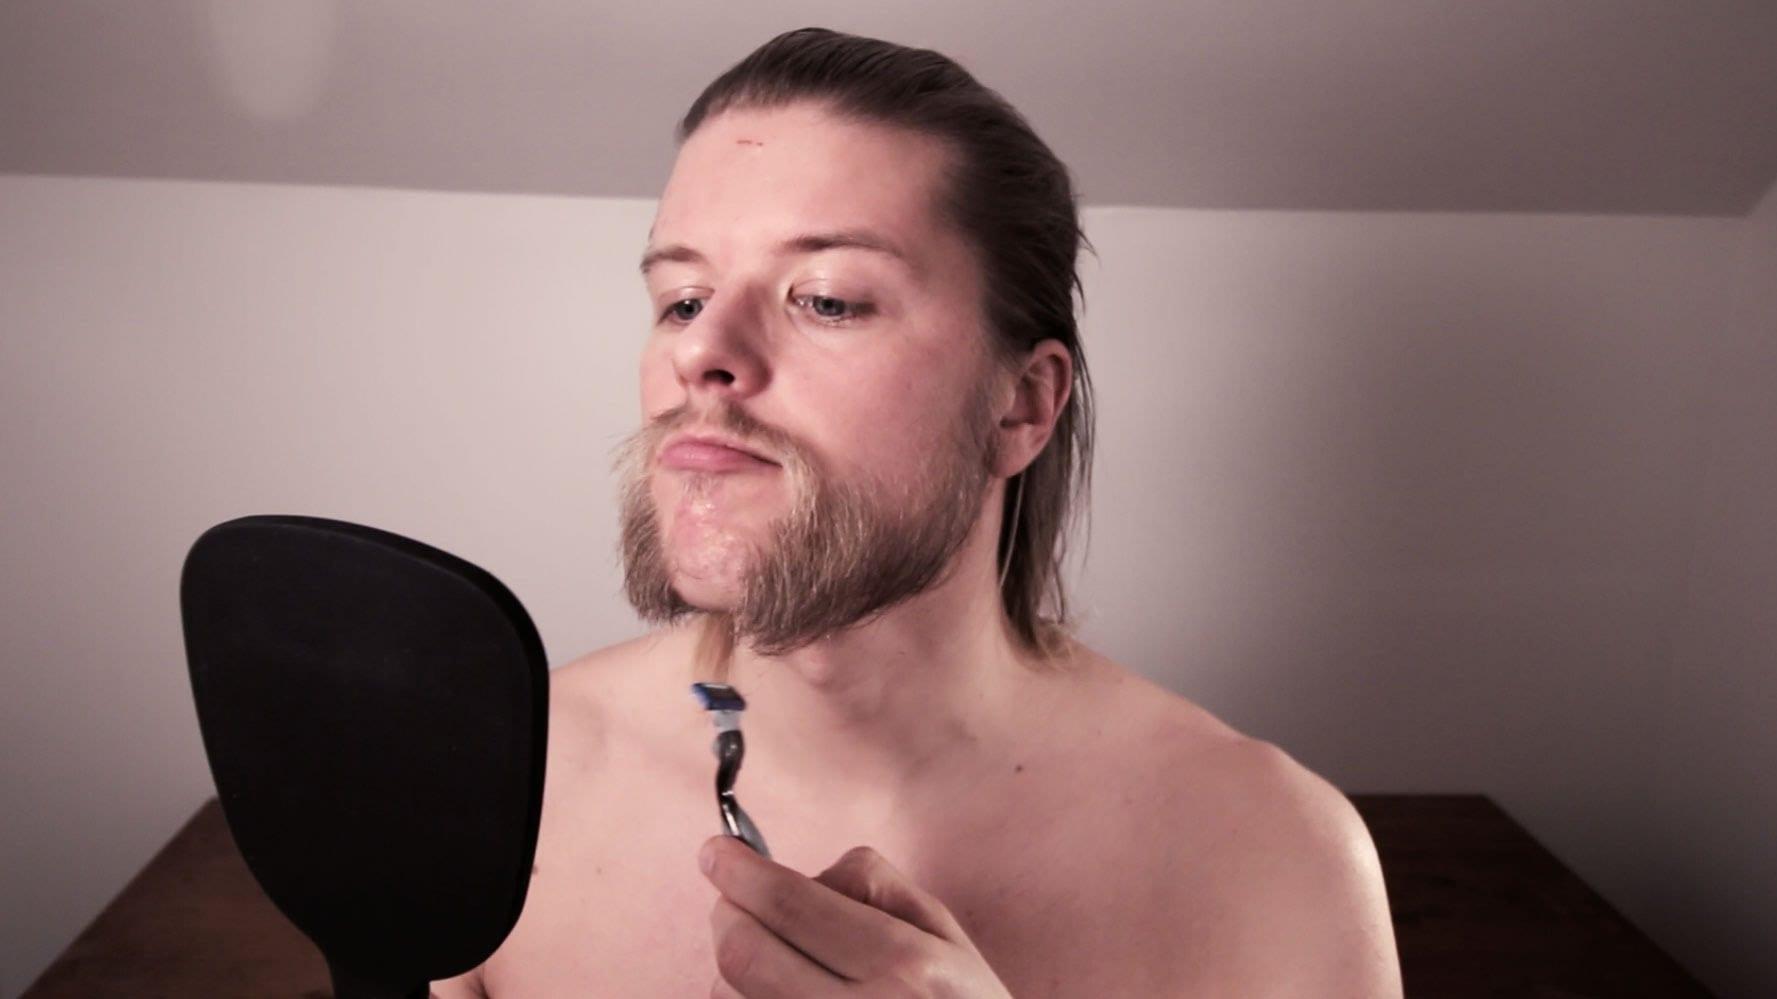 shaping-your-mutton-chop-beard